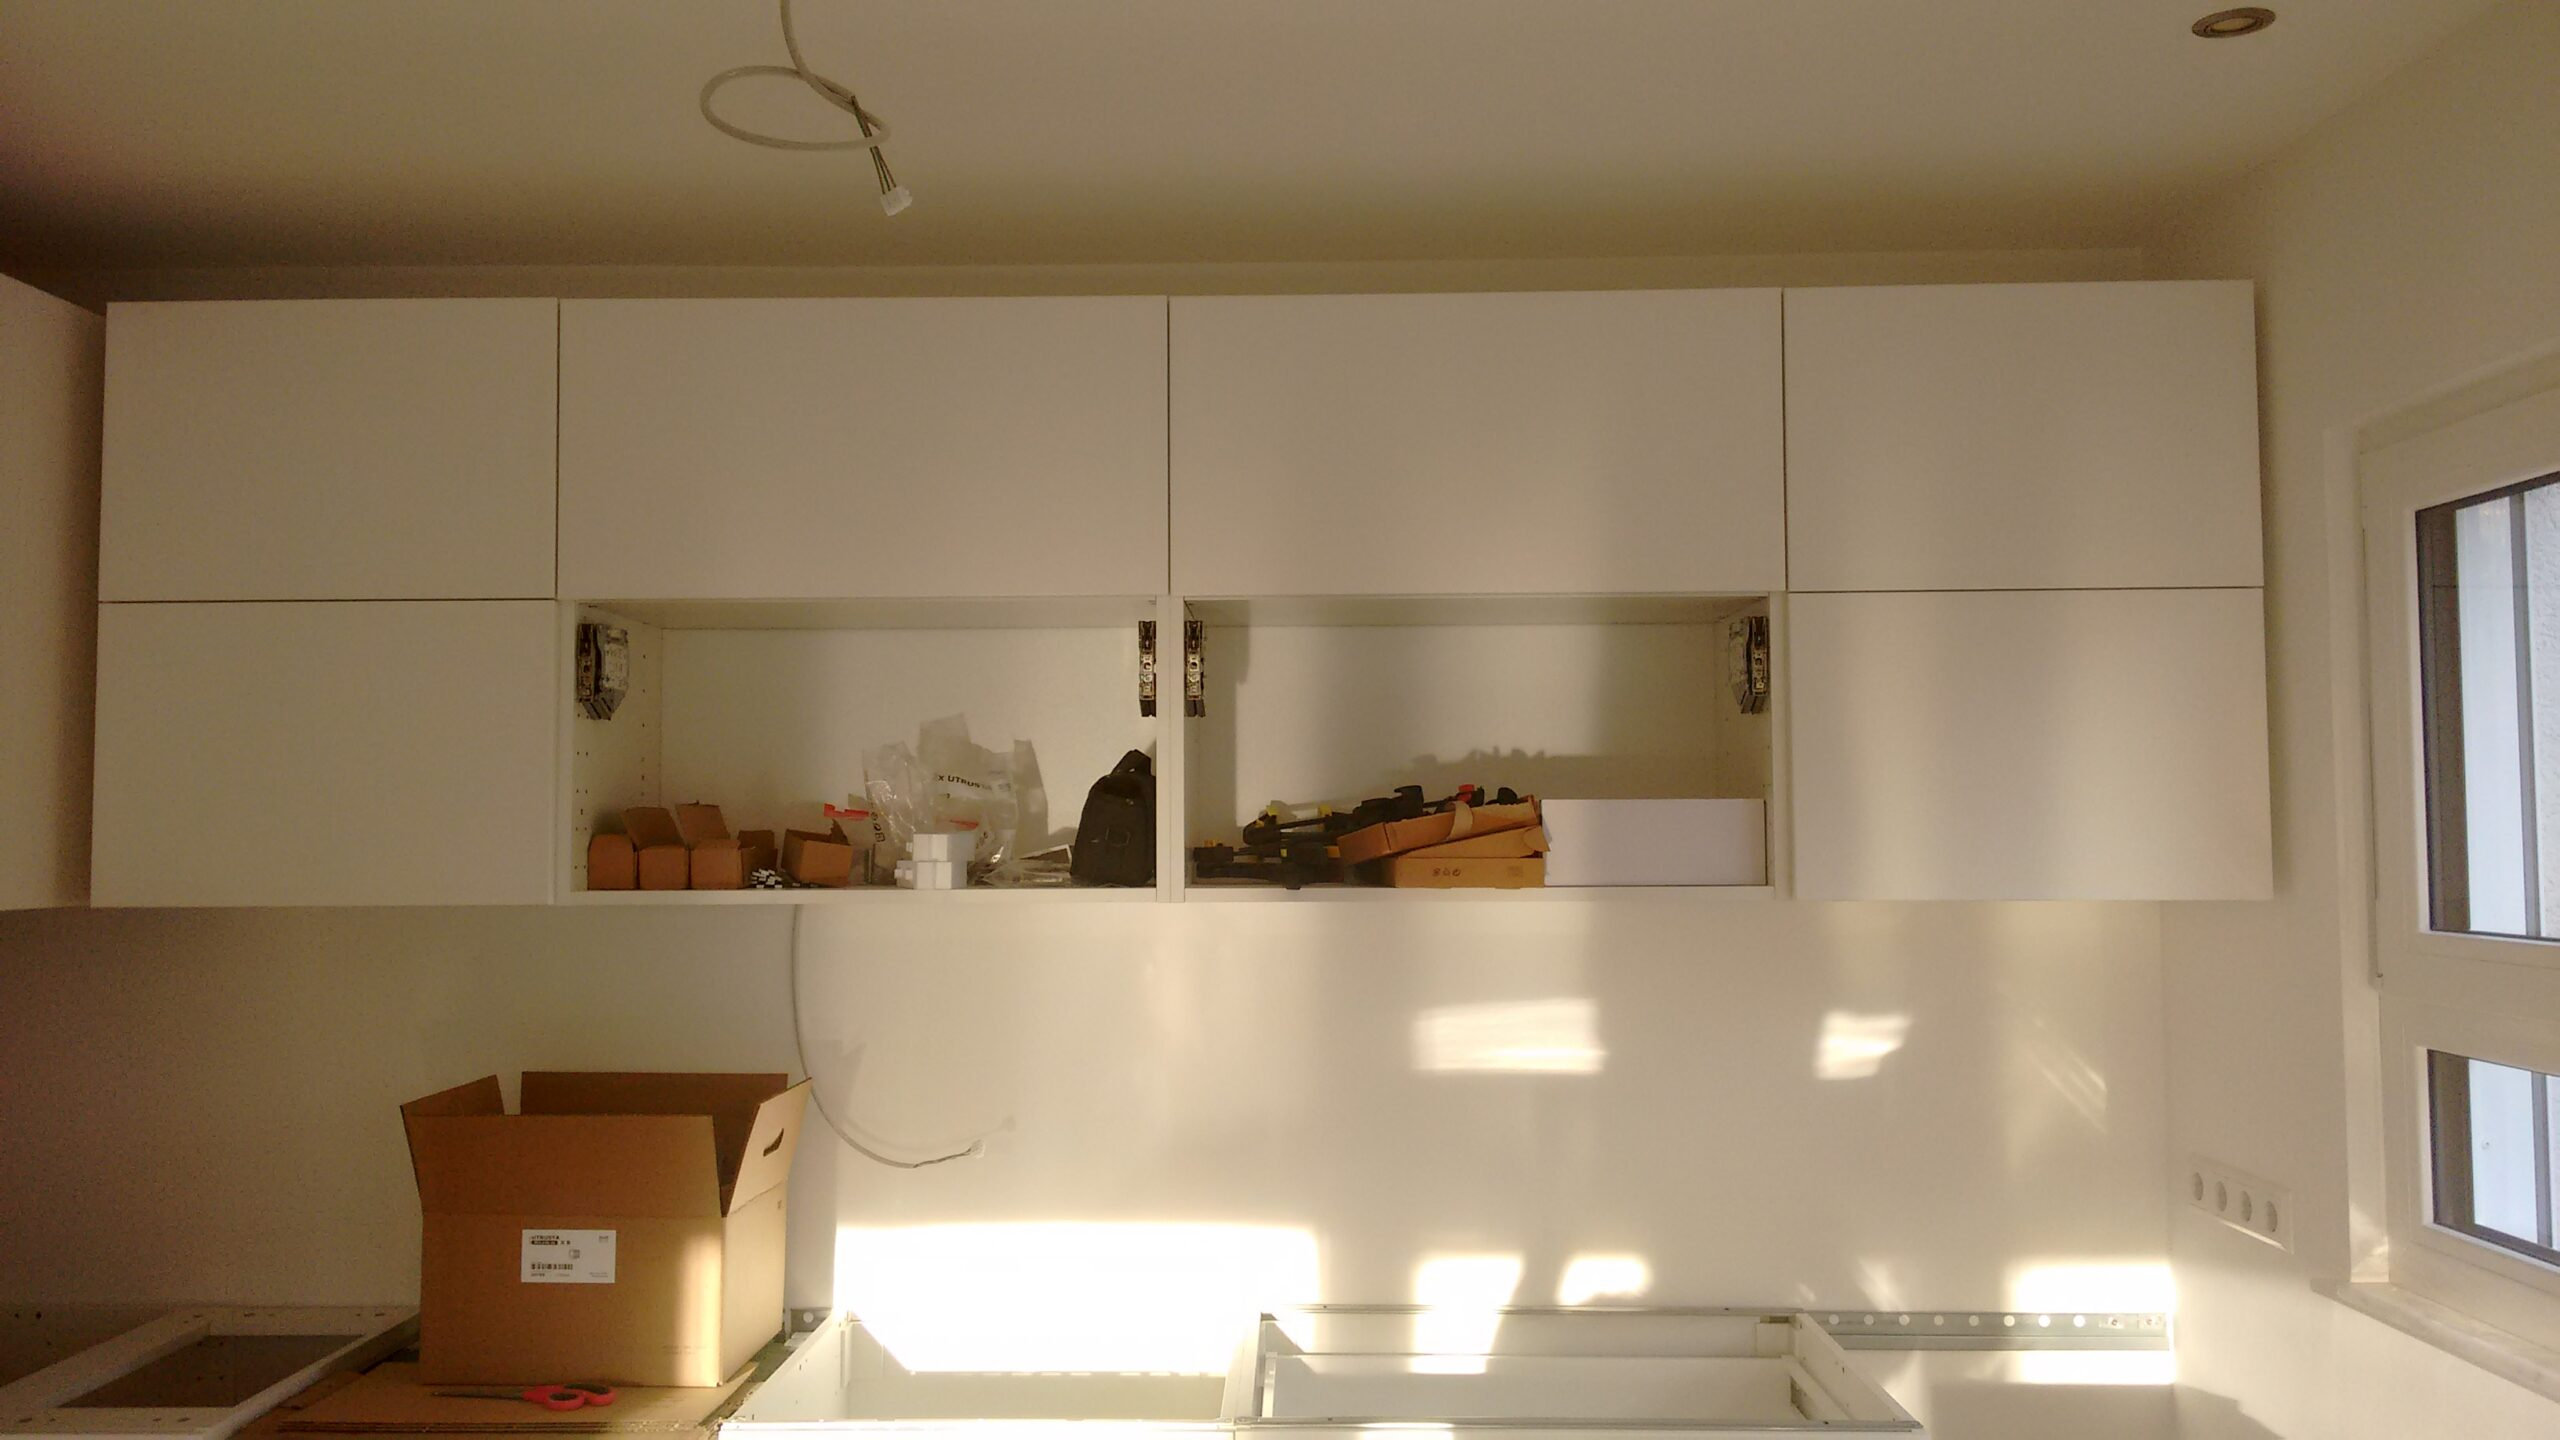 Full Size of Küchenblende Ikea Metod Ein Erfahrungsbericht Projekt Wohnzimmer Küchenblende